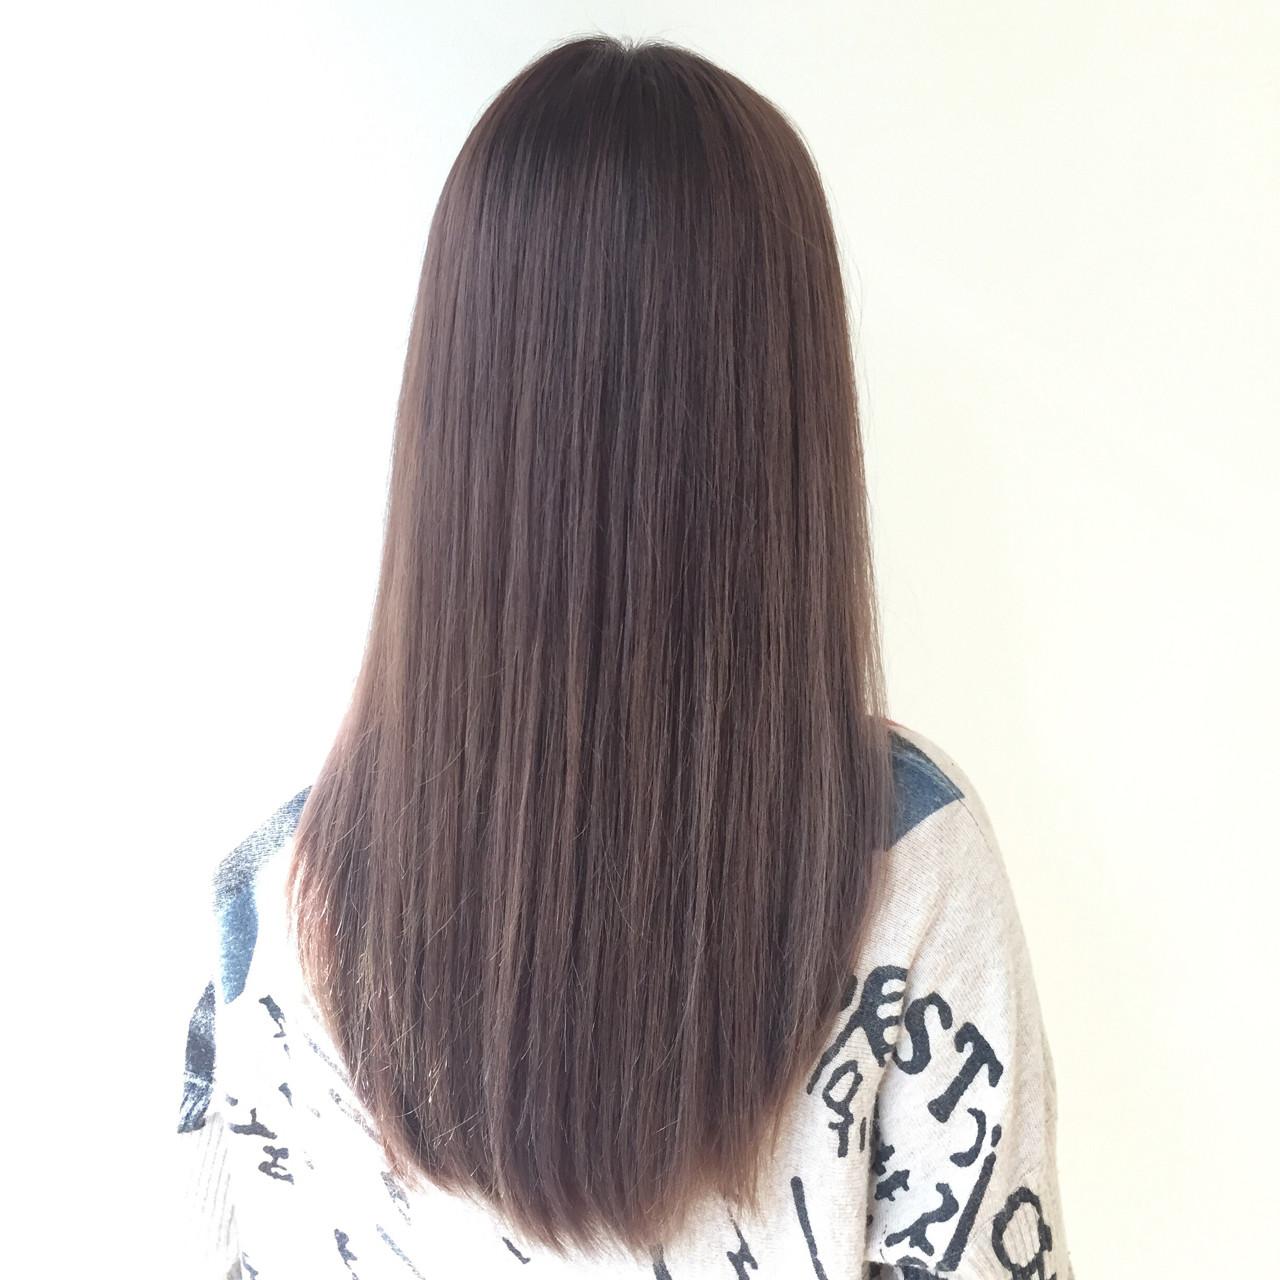 ハイライト ナチュラル ロング 外国人風カラー ヘアスタイルや髪型の写真・画像 | seikan / vifkrone hair&beauty